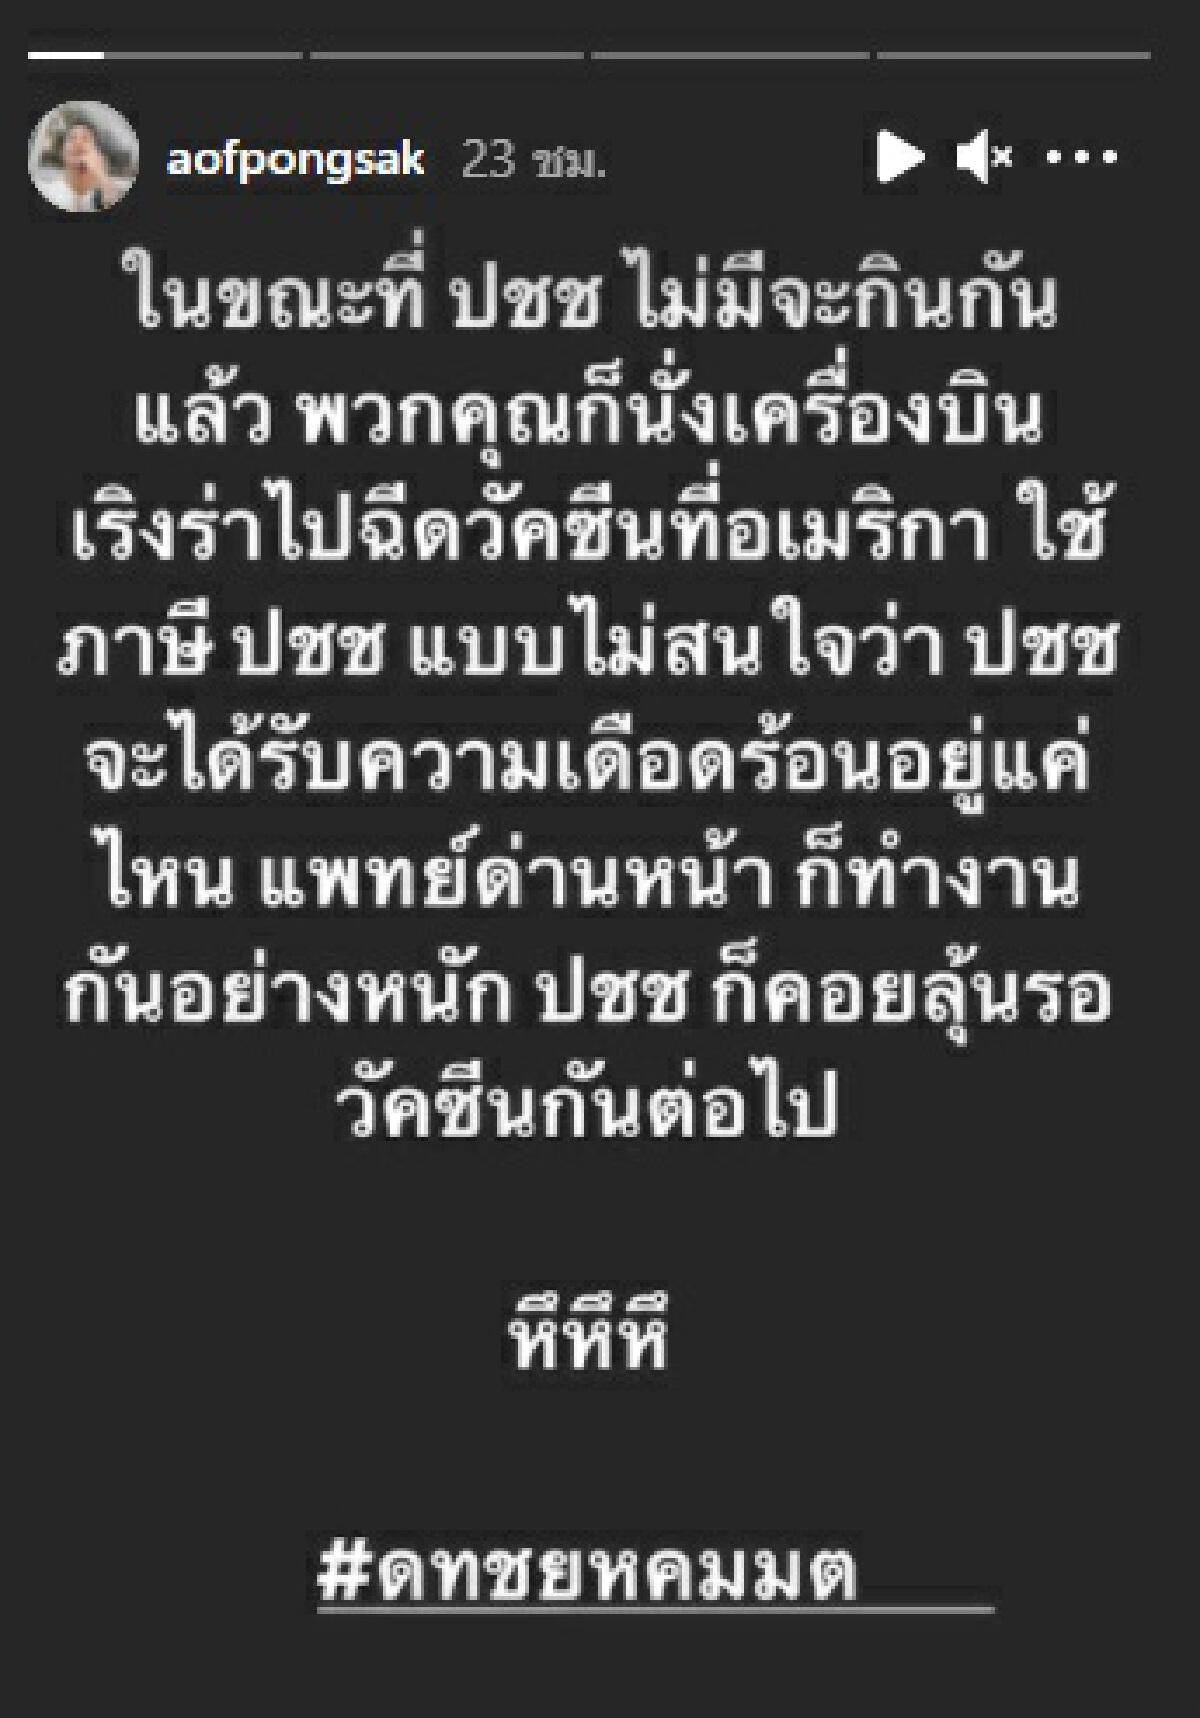 อ๊อฟ ปองศักดิ์ เป็นงง! ราคาชุดตรวจโควิด-19 ในไทย ซัดเวลาแบบนี้ยังเอากำไร